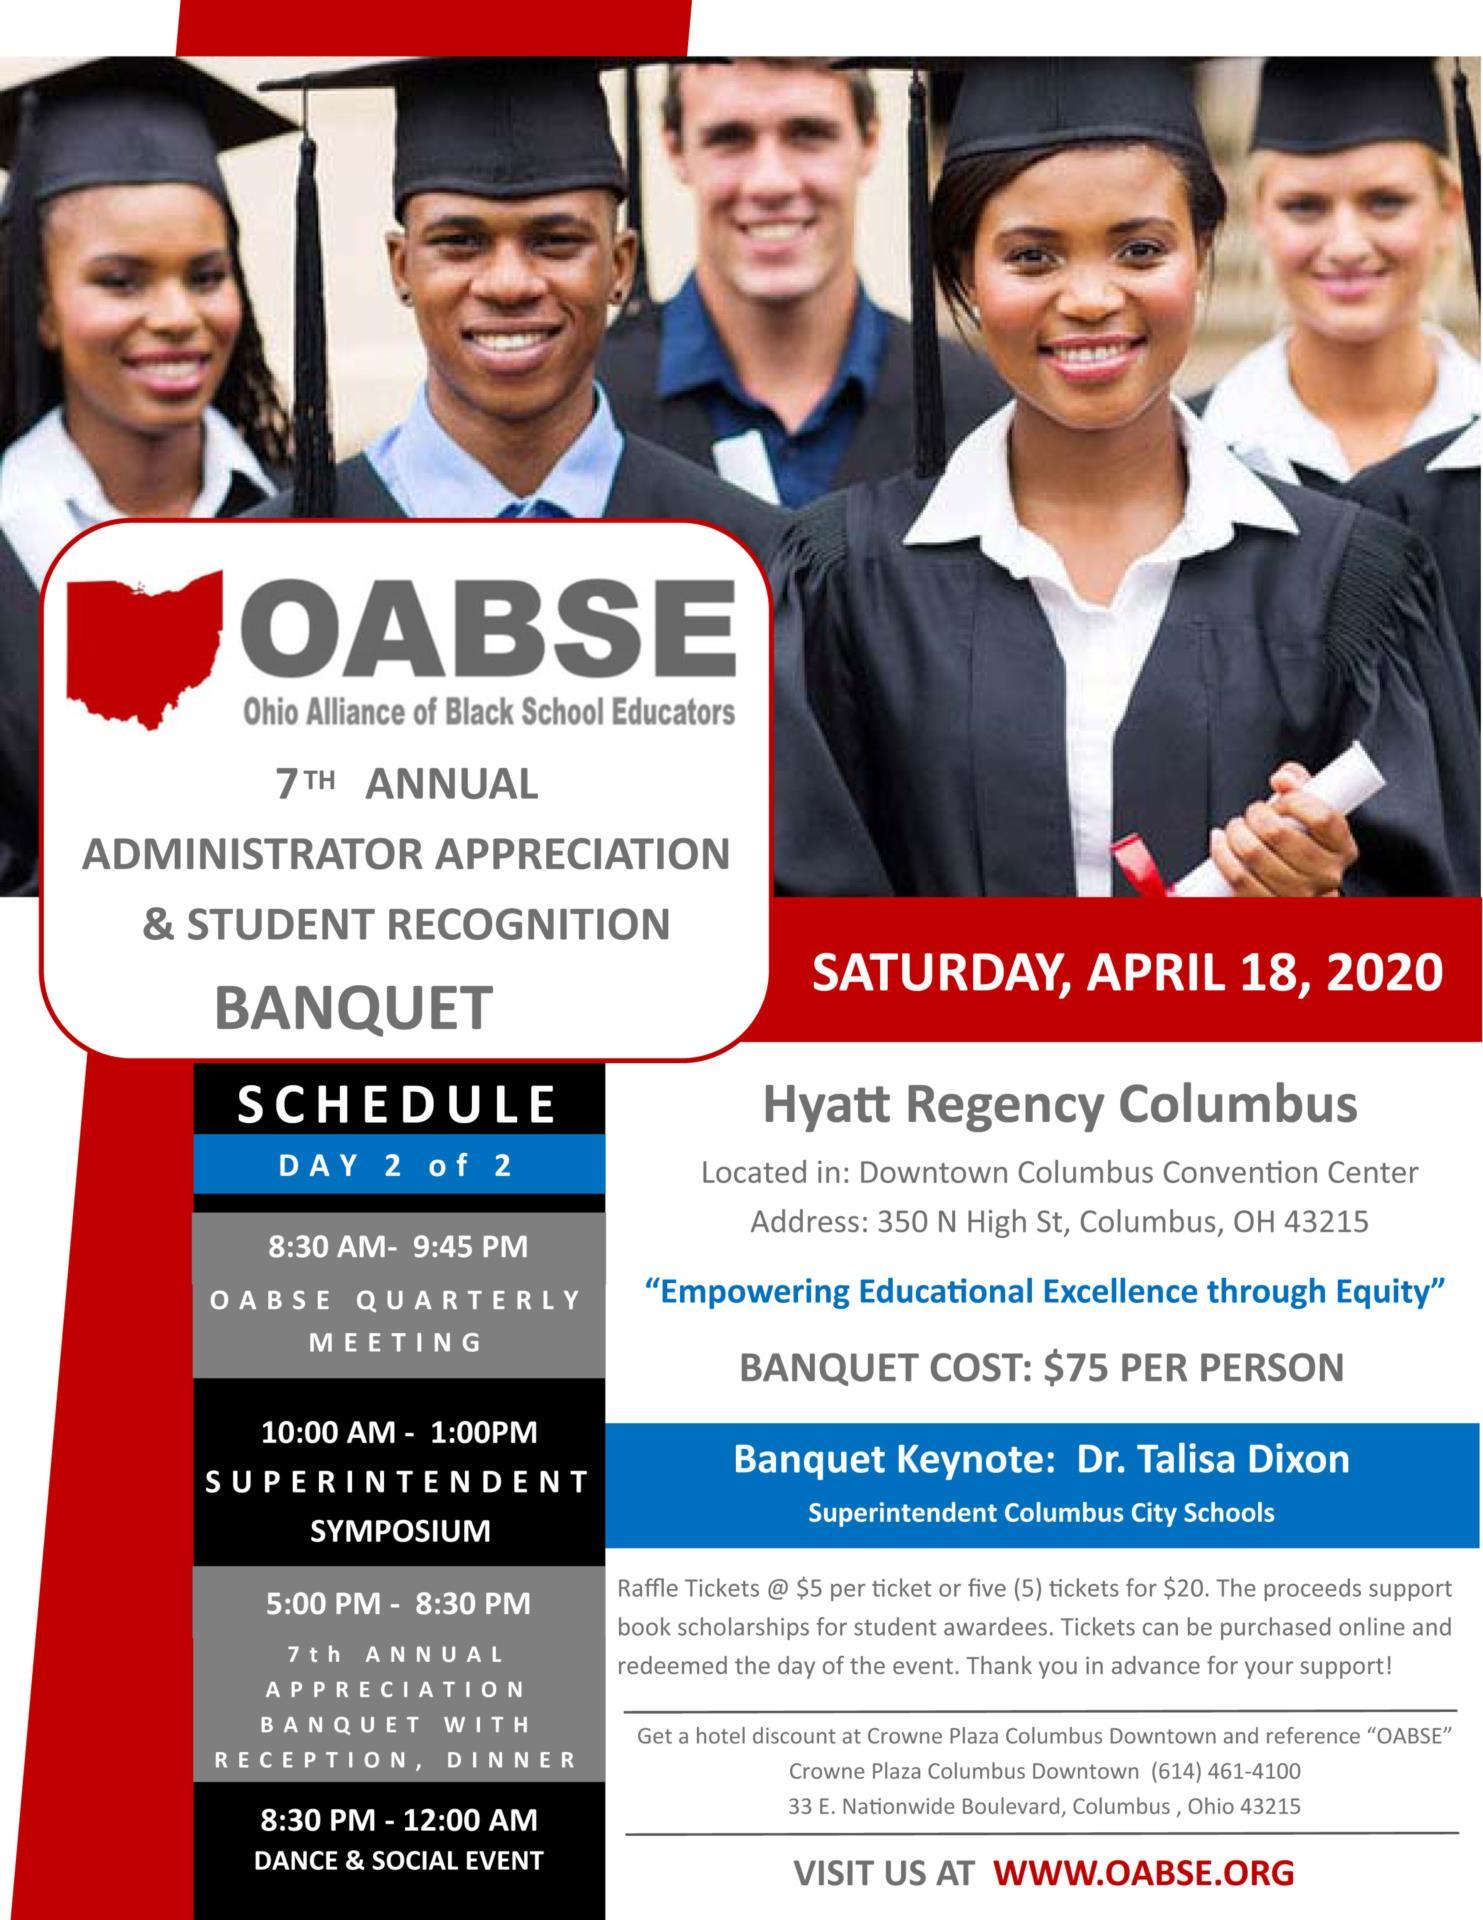 OABSE Banquet